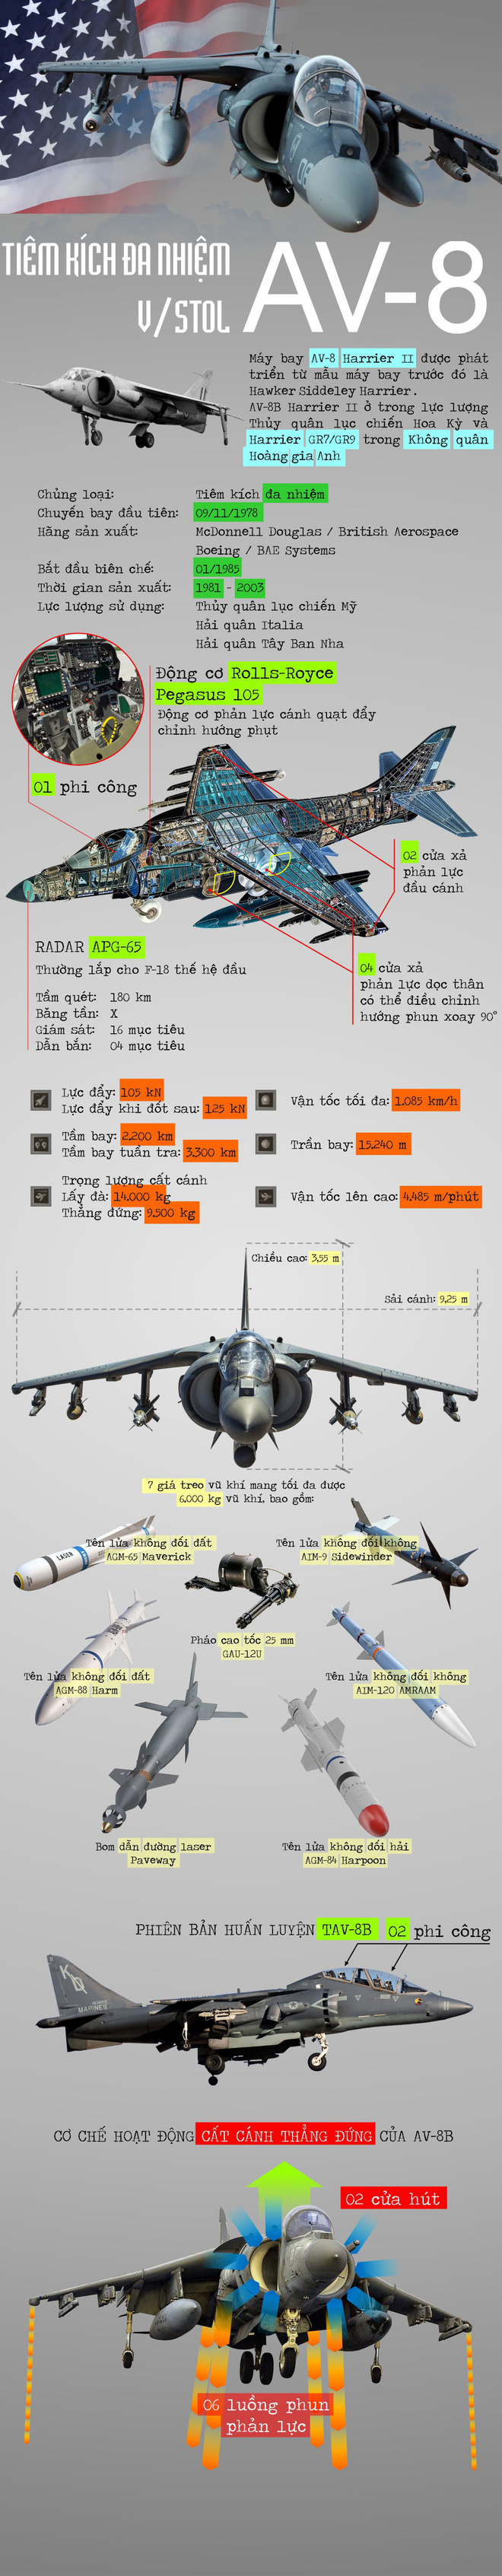 Infographic: AV-8B - Tiêm kích đa nhiệm được tin tưởng hơn cả F-35 - ảnh 1